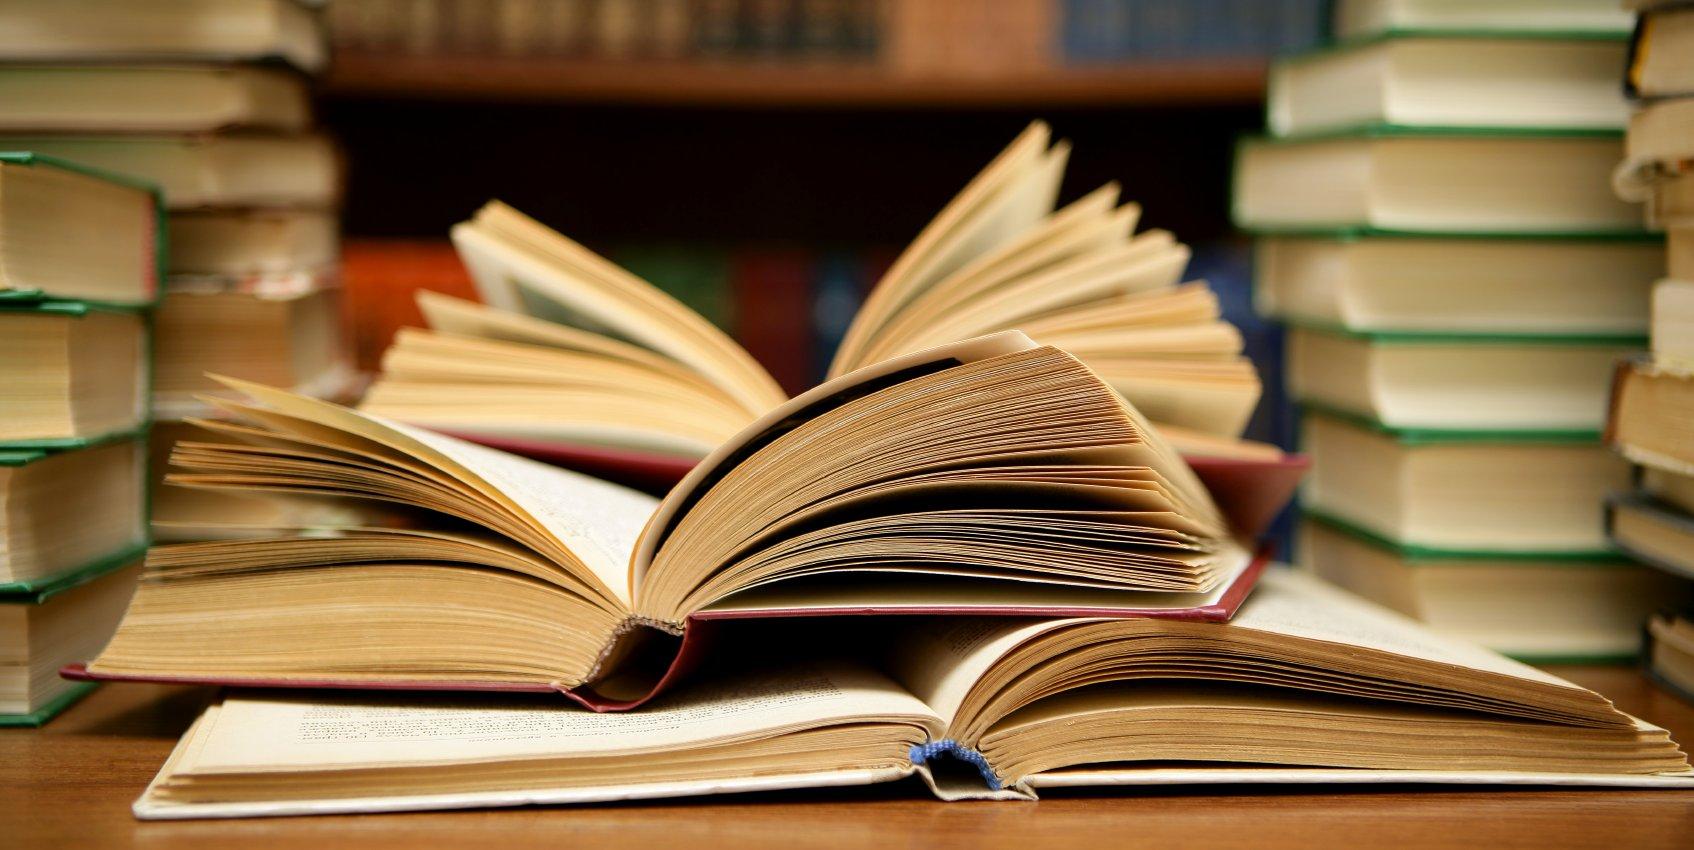 В «Циферблат» на Тверской можно сдать ненужные книги и макулатуру